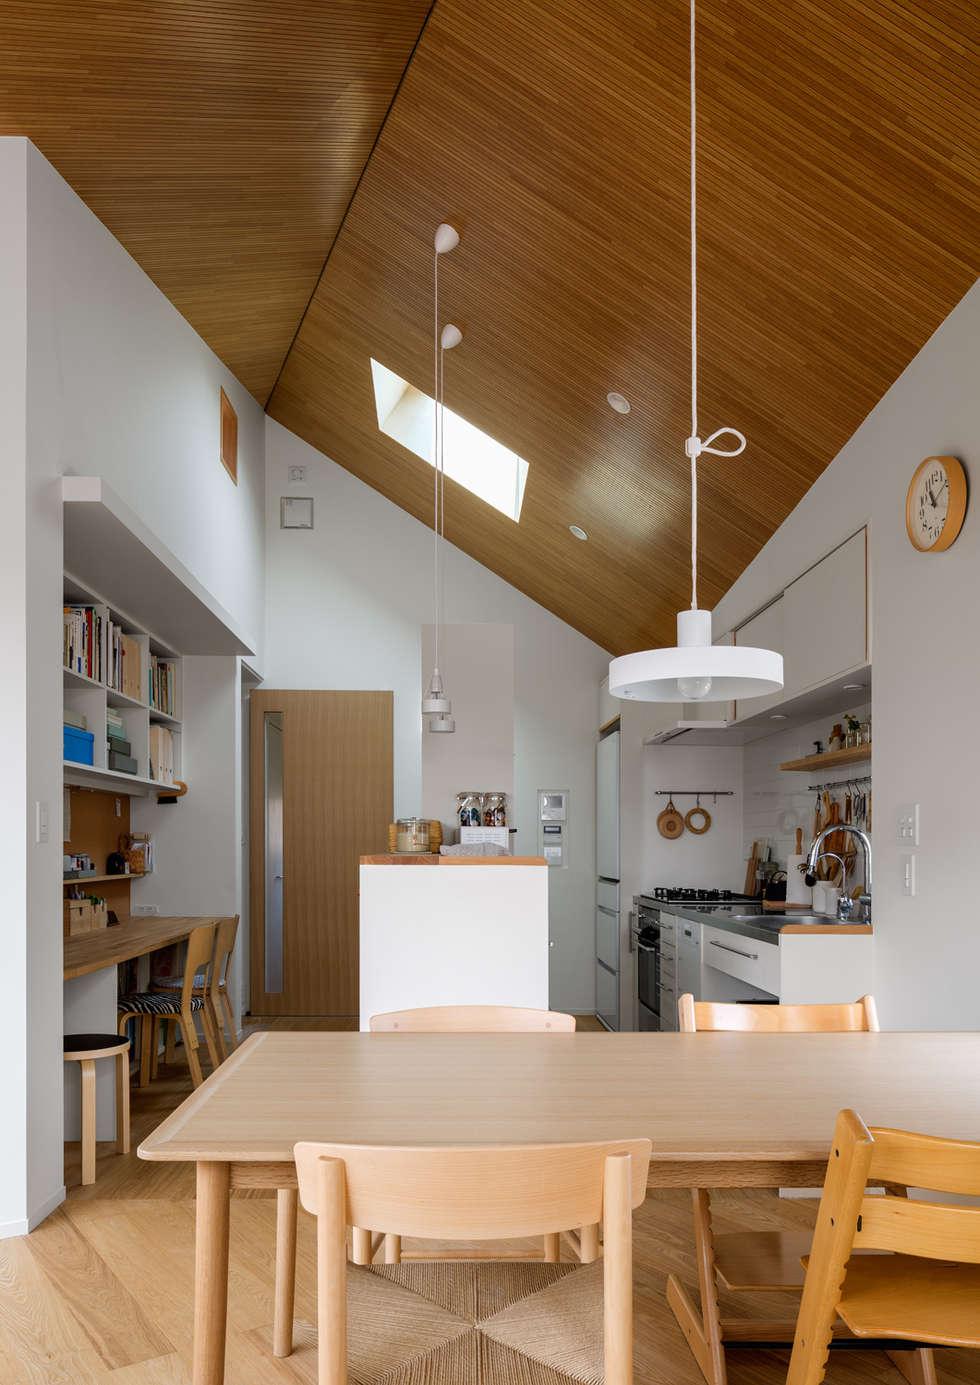 トンガリの家: 株式会社リオタデザインが手掛けたキッチンです。